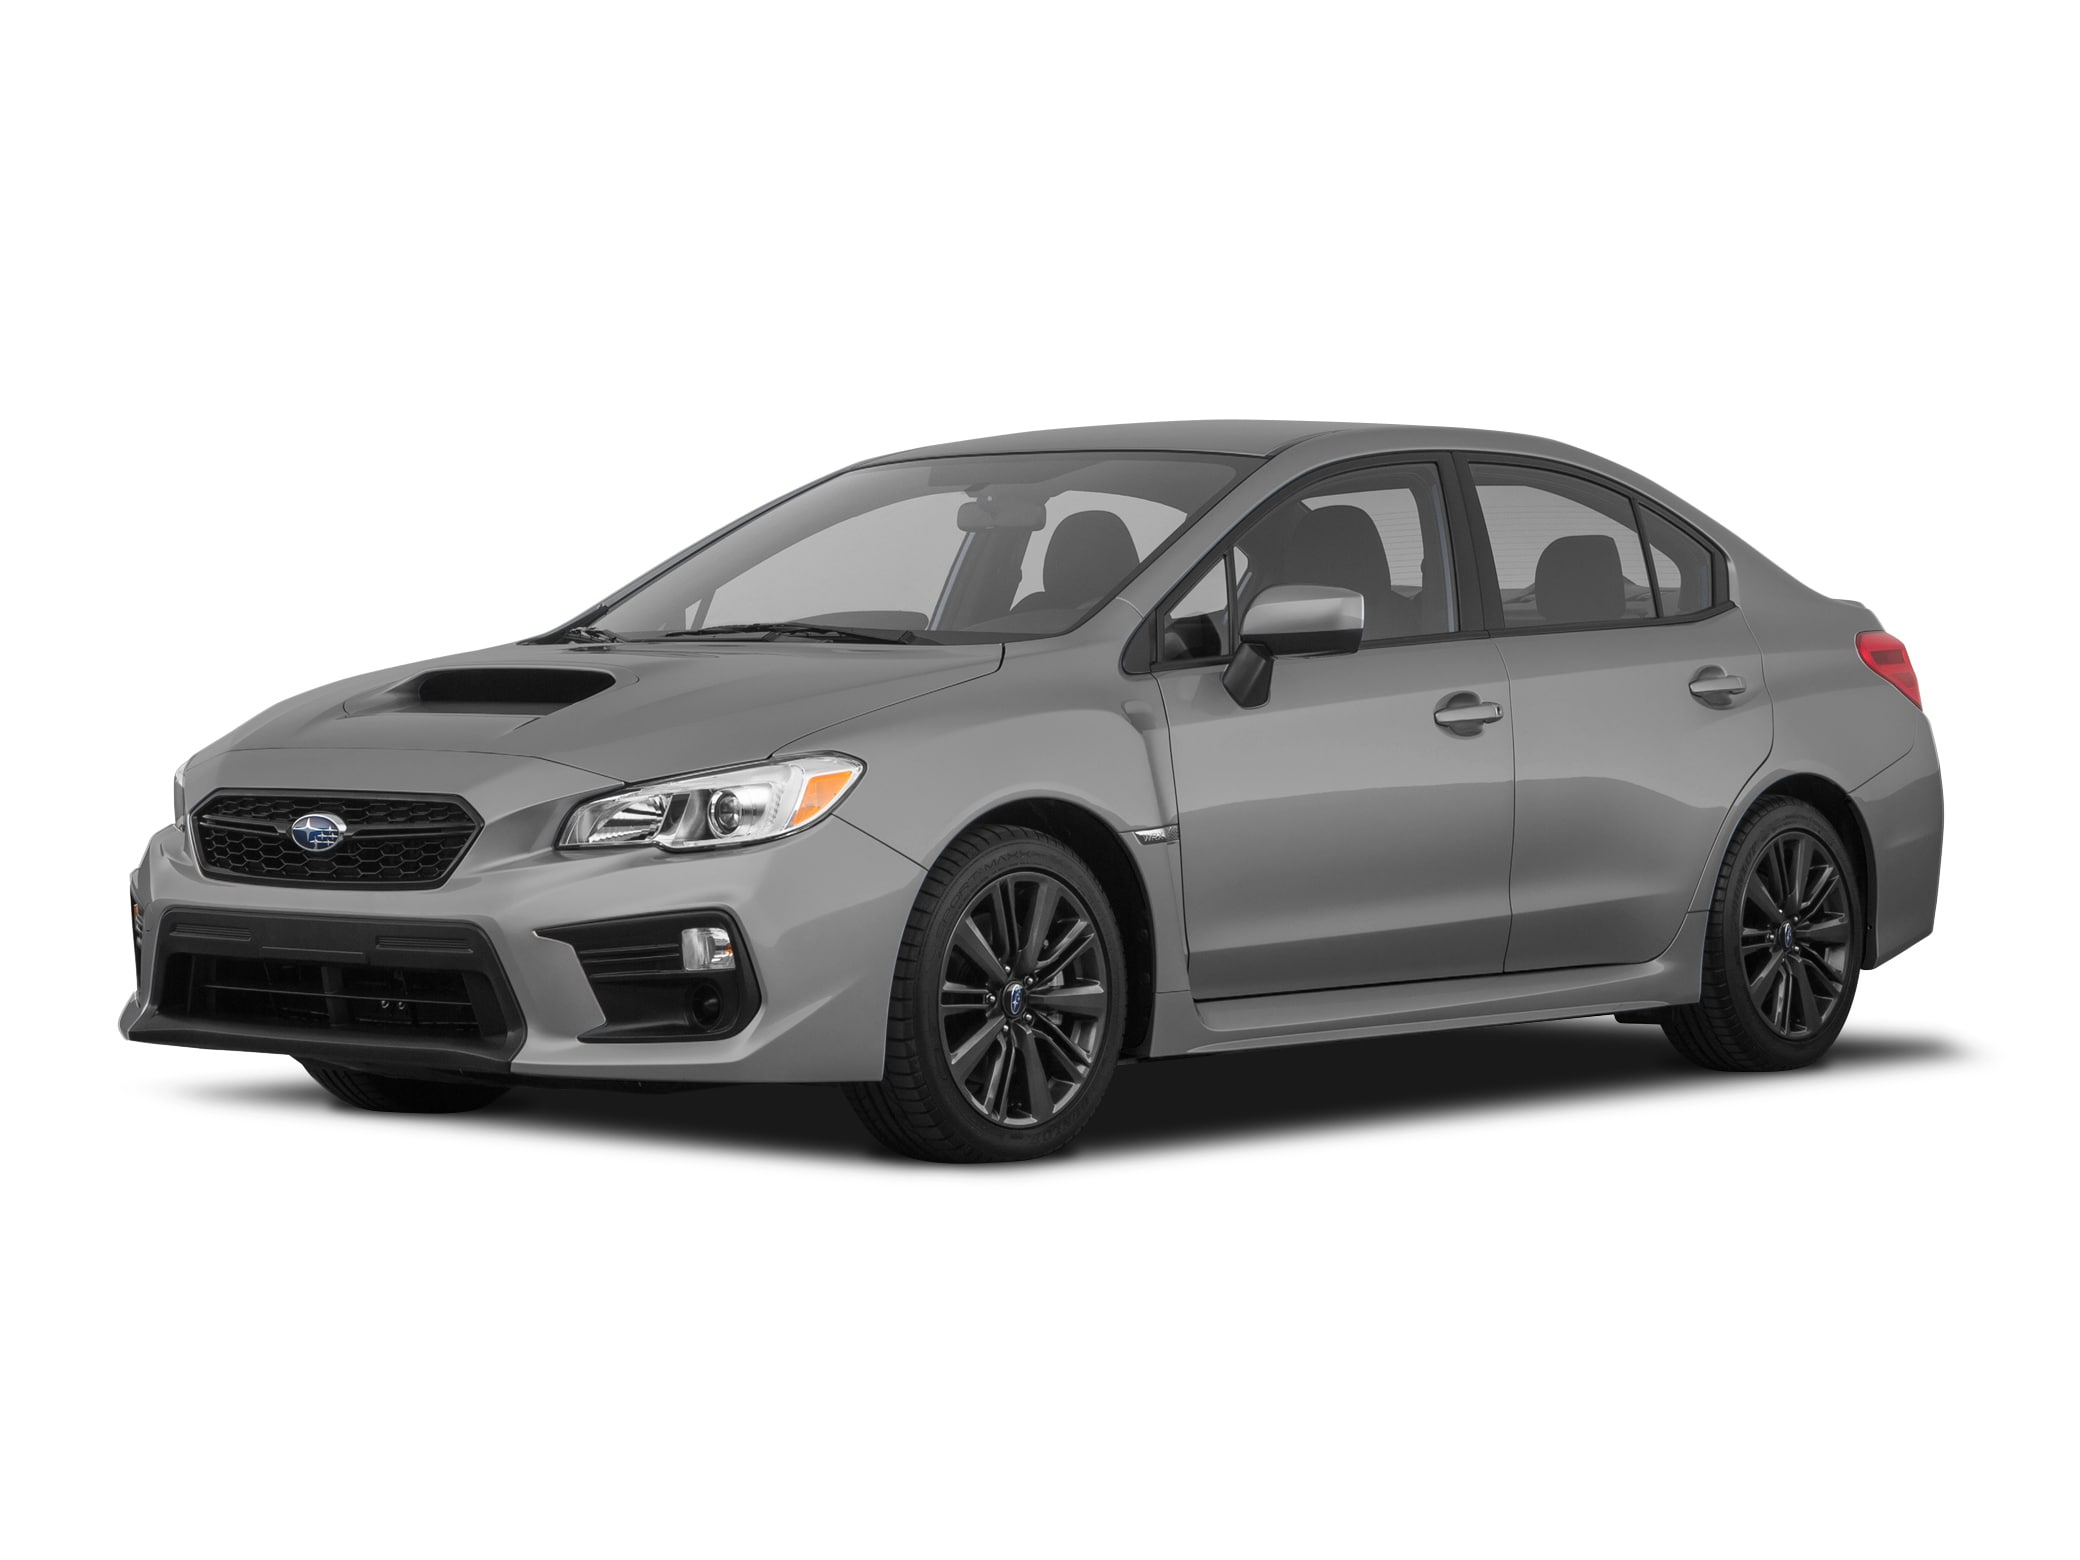 New 2019 Subaru WRX Sedan Ventura, CA